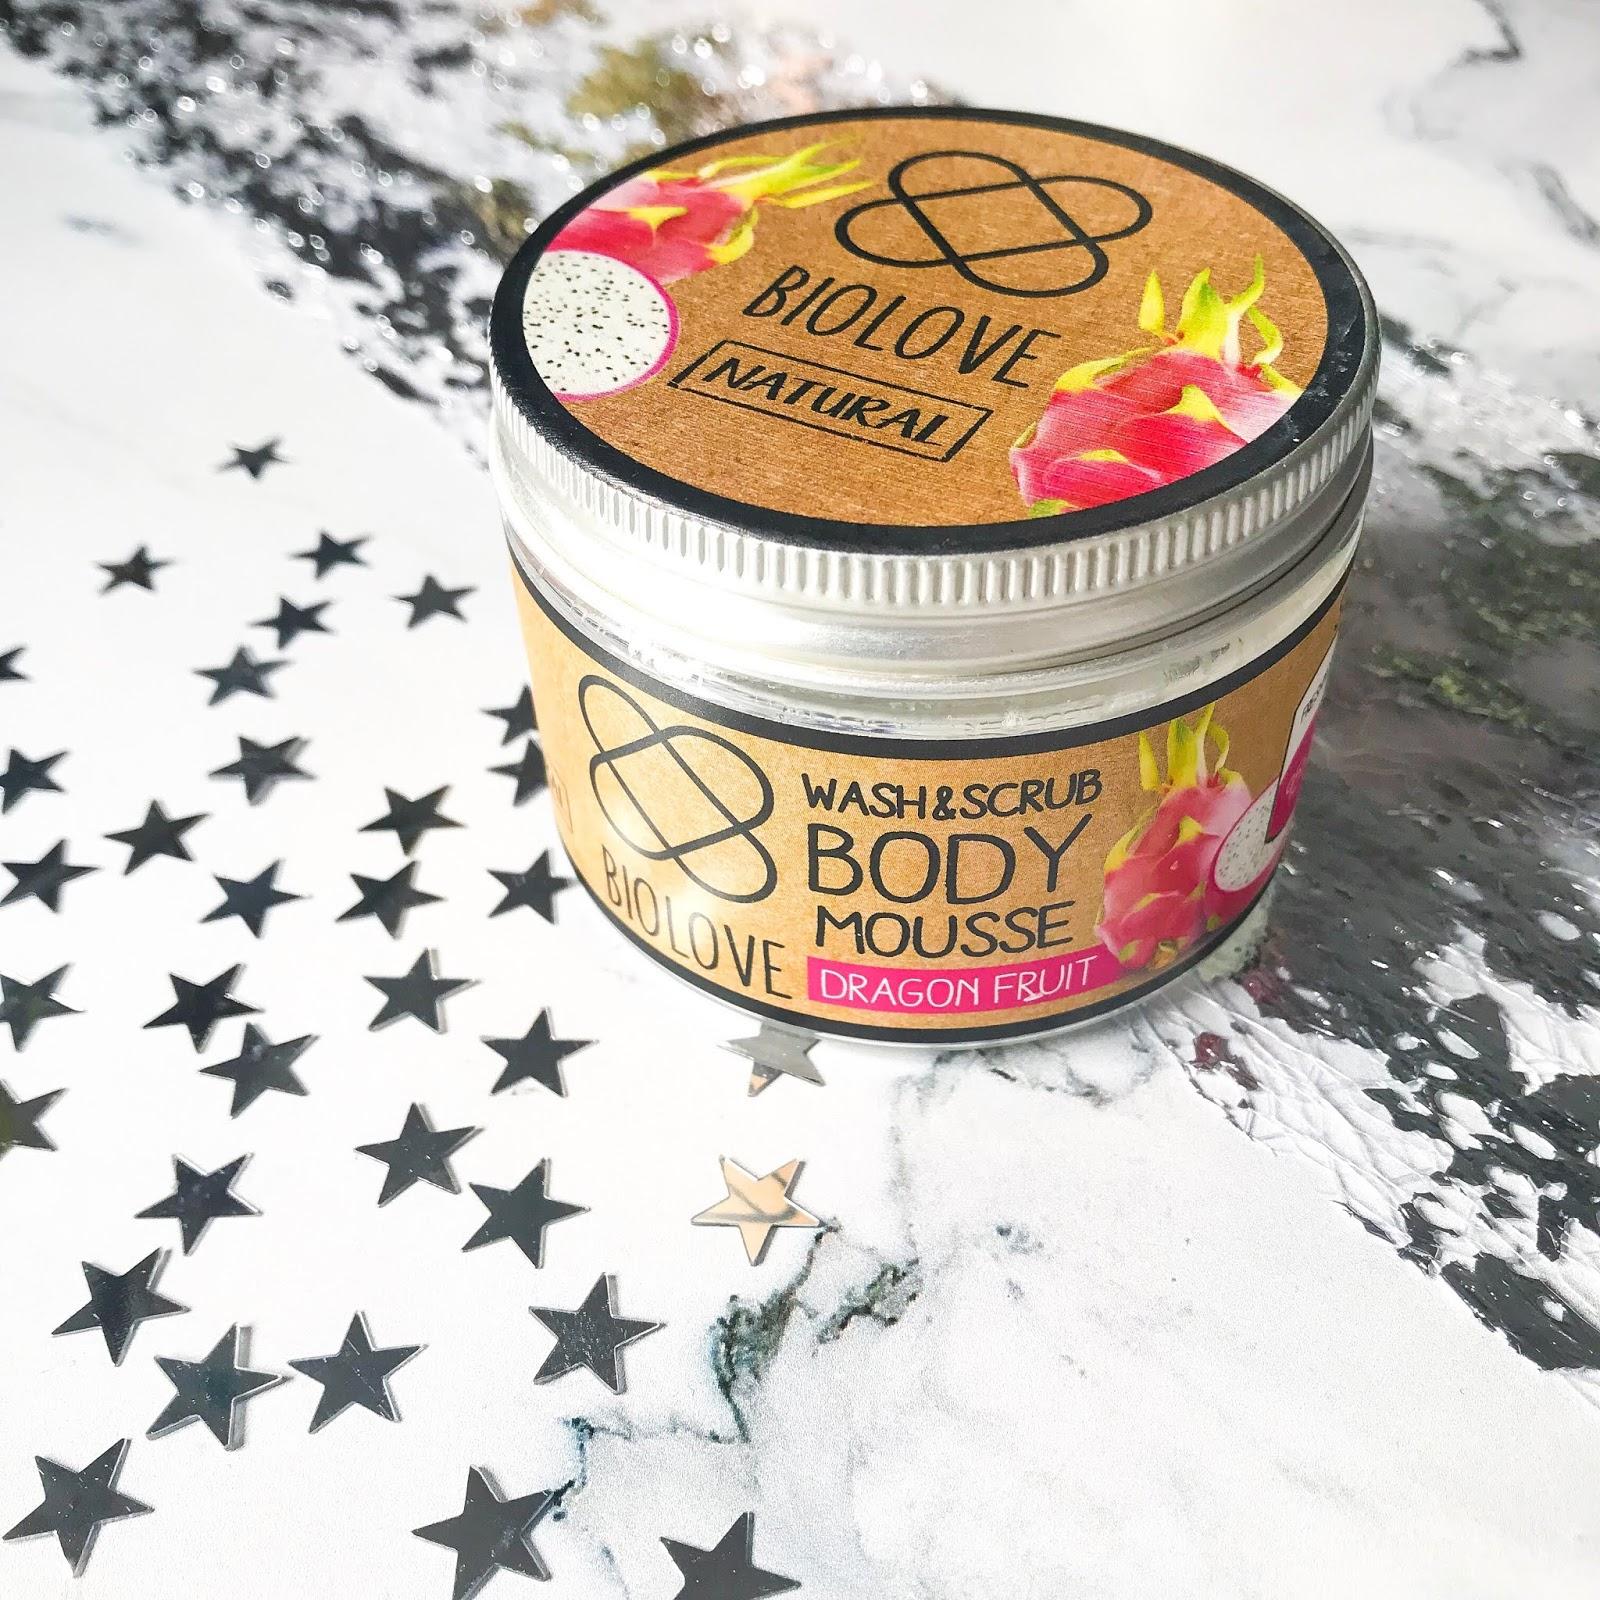 Co warto kupić w Kontigo? Kosmetyki marki Biolove! naturalne kosmetyki, pianka peelingująco-myjąca biolove